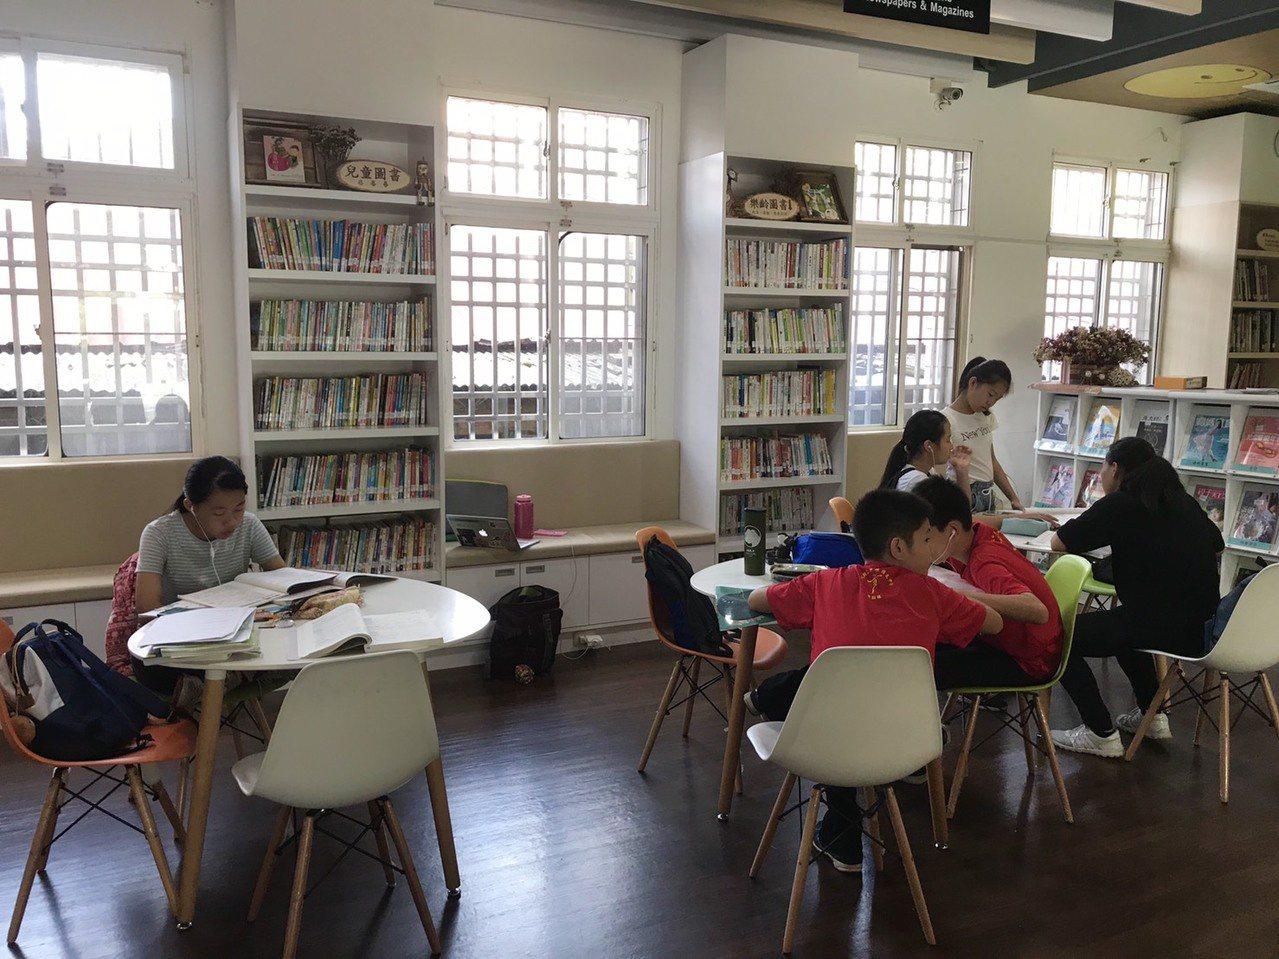 中埔鄉立圖書館自去年整修後環境明亮舒適,但一樓座位區供學生自習空間減少許多。記者...